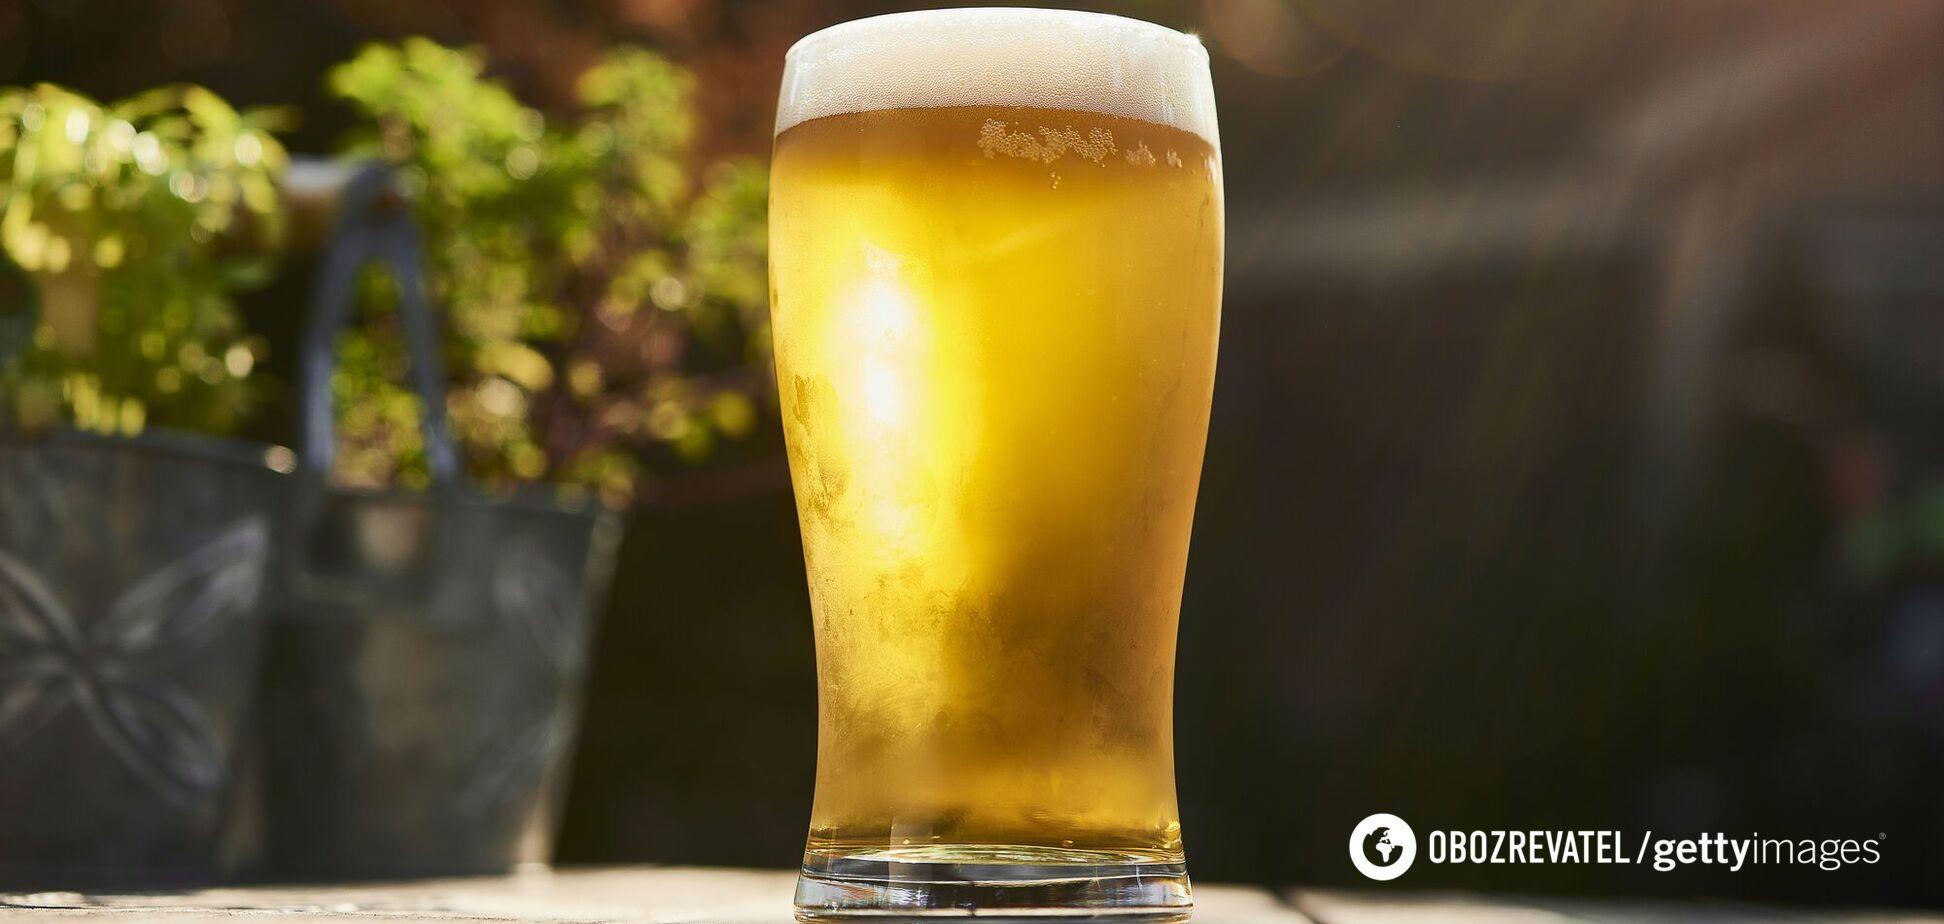 Хмільне і 'живе': що ми знаємо про розливне пиво і що здивувало барного блогера в результаті одного експерименту